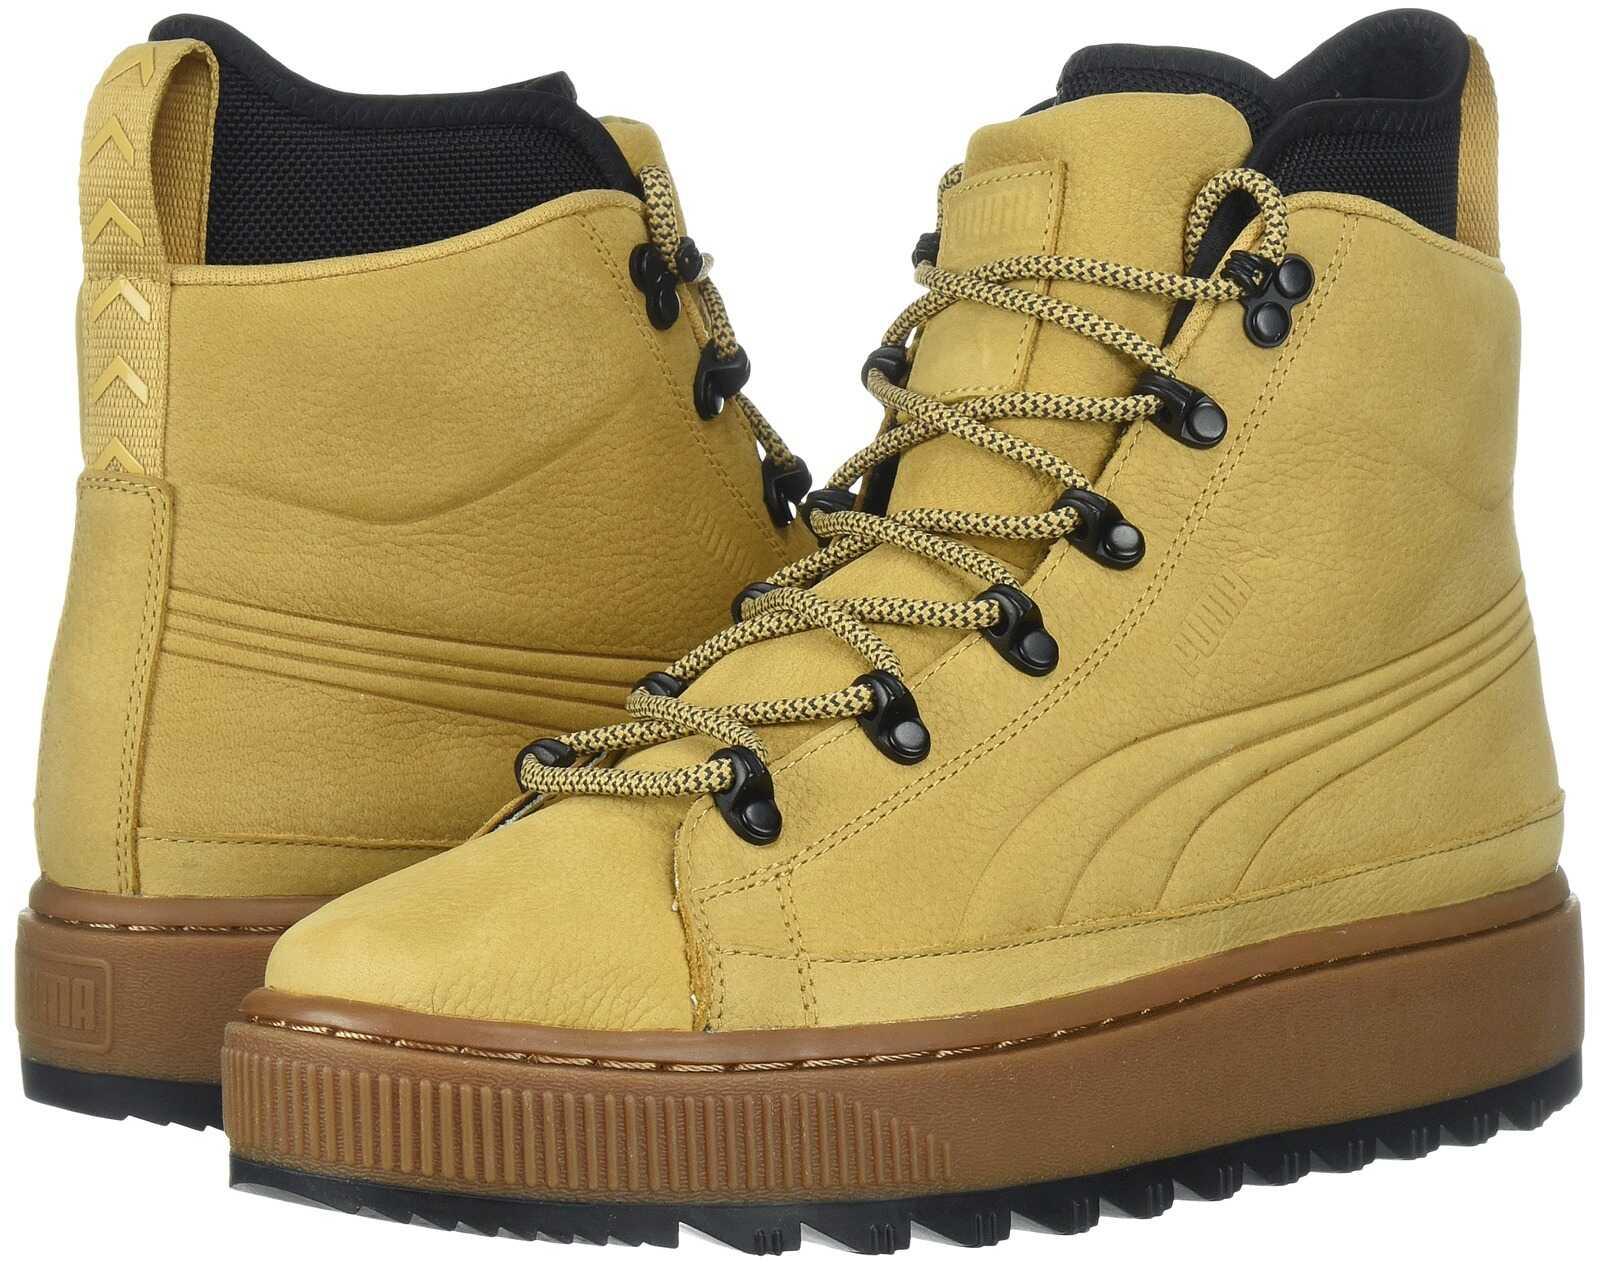 PUMA The Ren Boot NBK Taffy